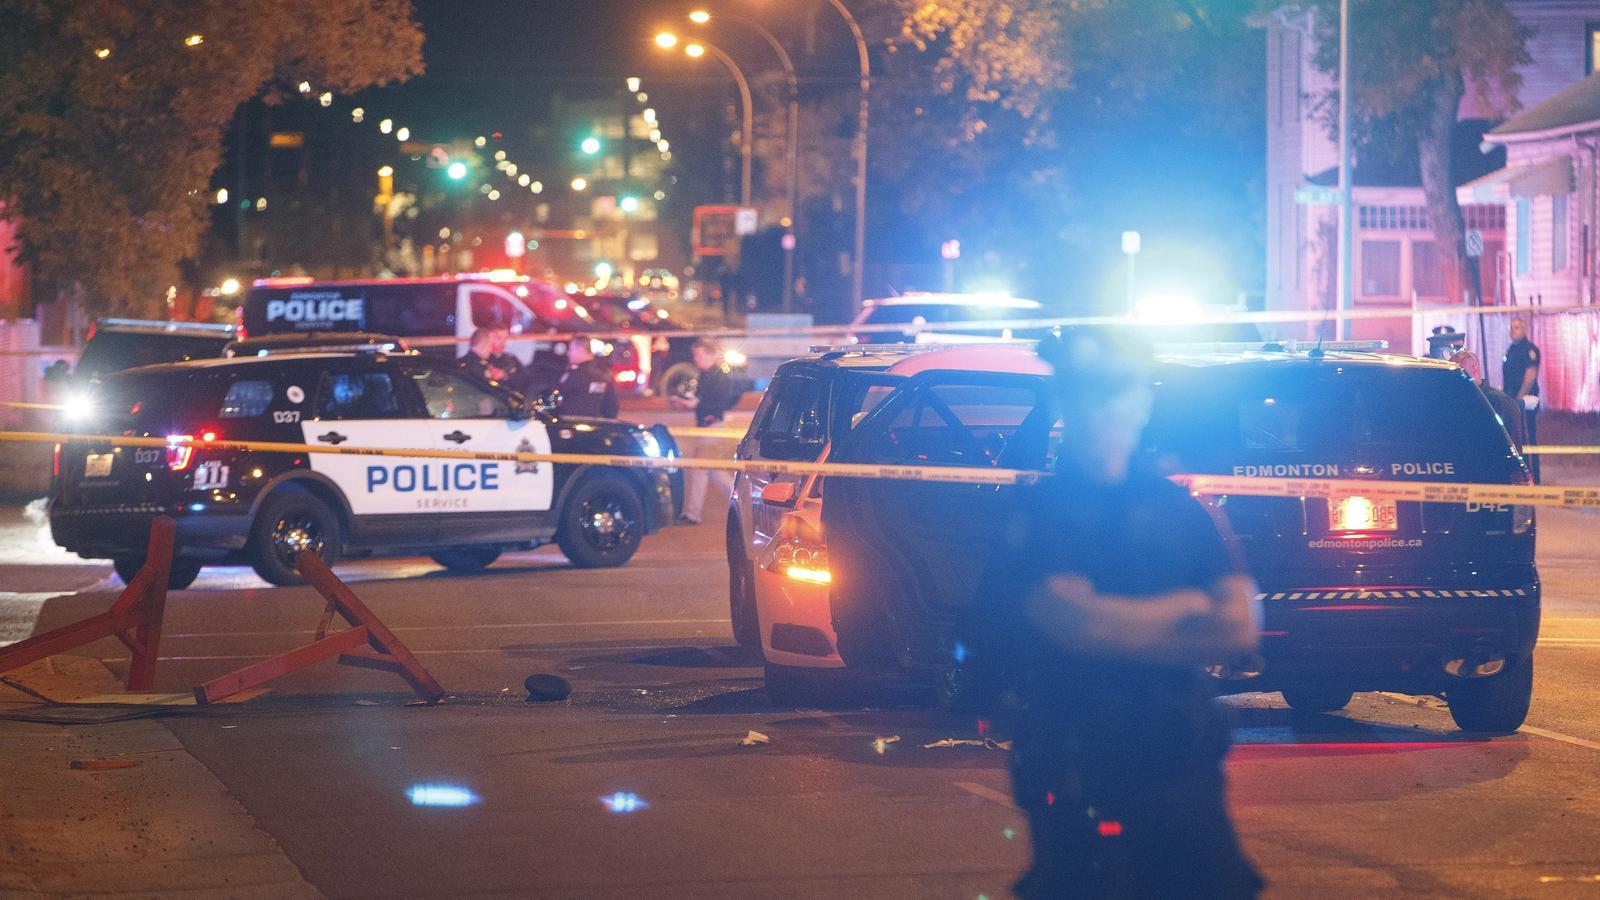 Der Angreifer raste mit seinem Auto in ein Polizeifahrzeug und stach mit einem Messer auf einen Beamten ein.